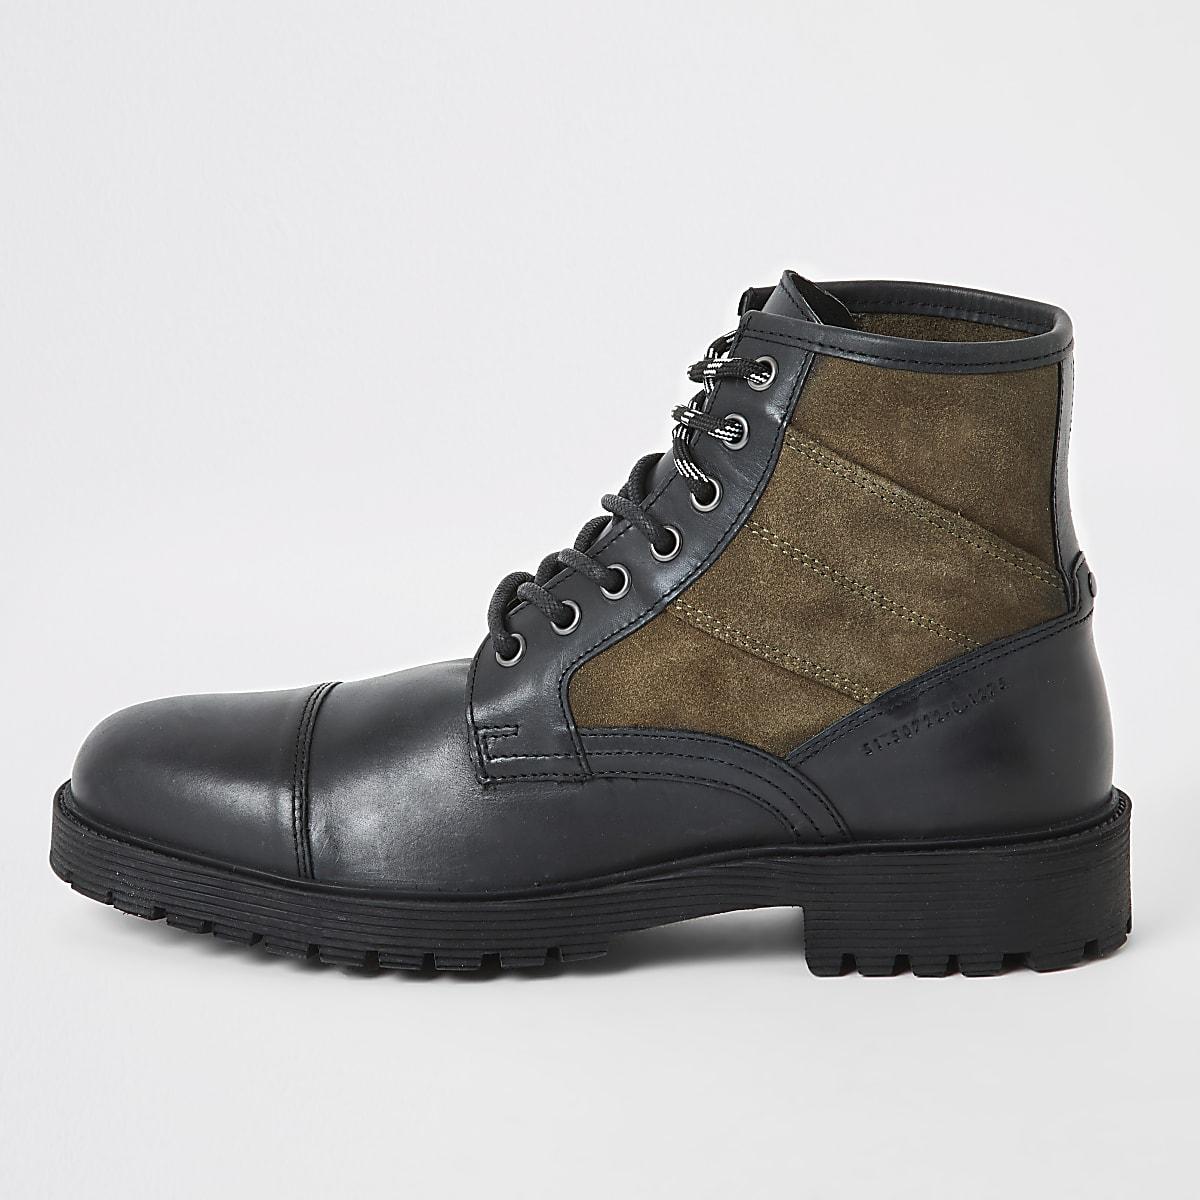 Bottes de randonnée lacées en cuir noir contrasté